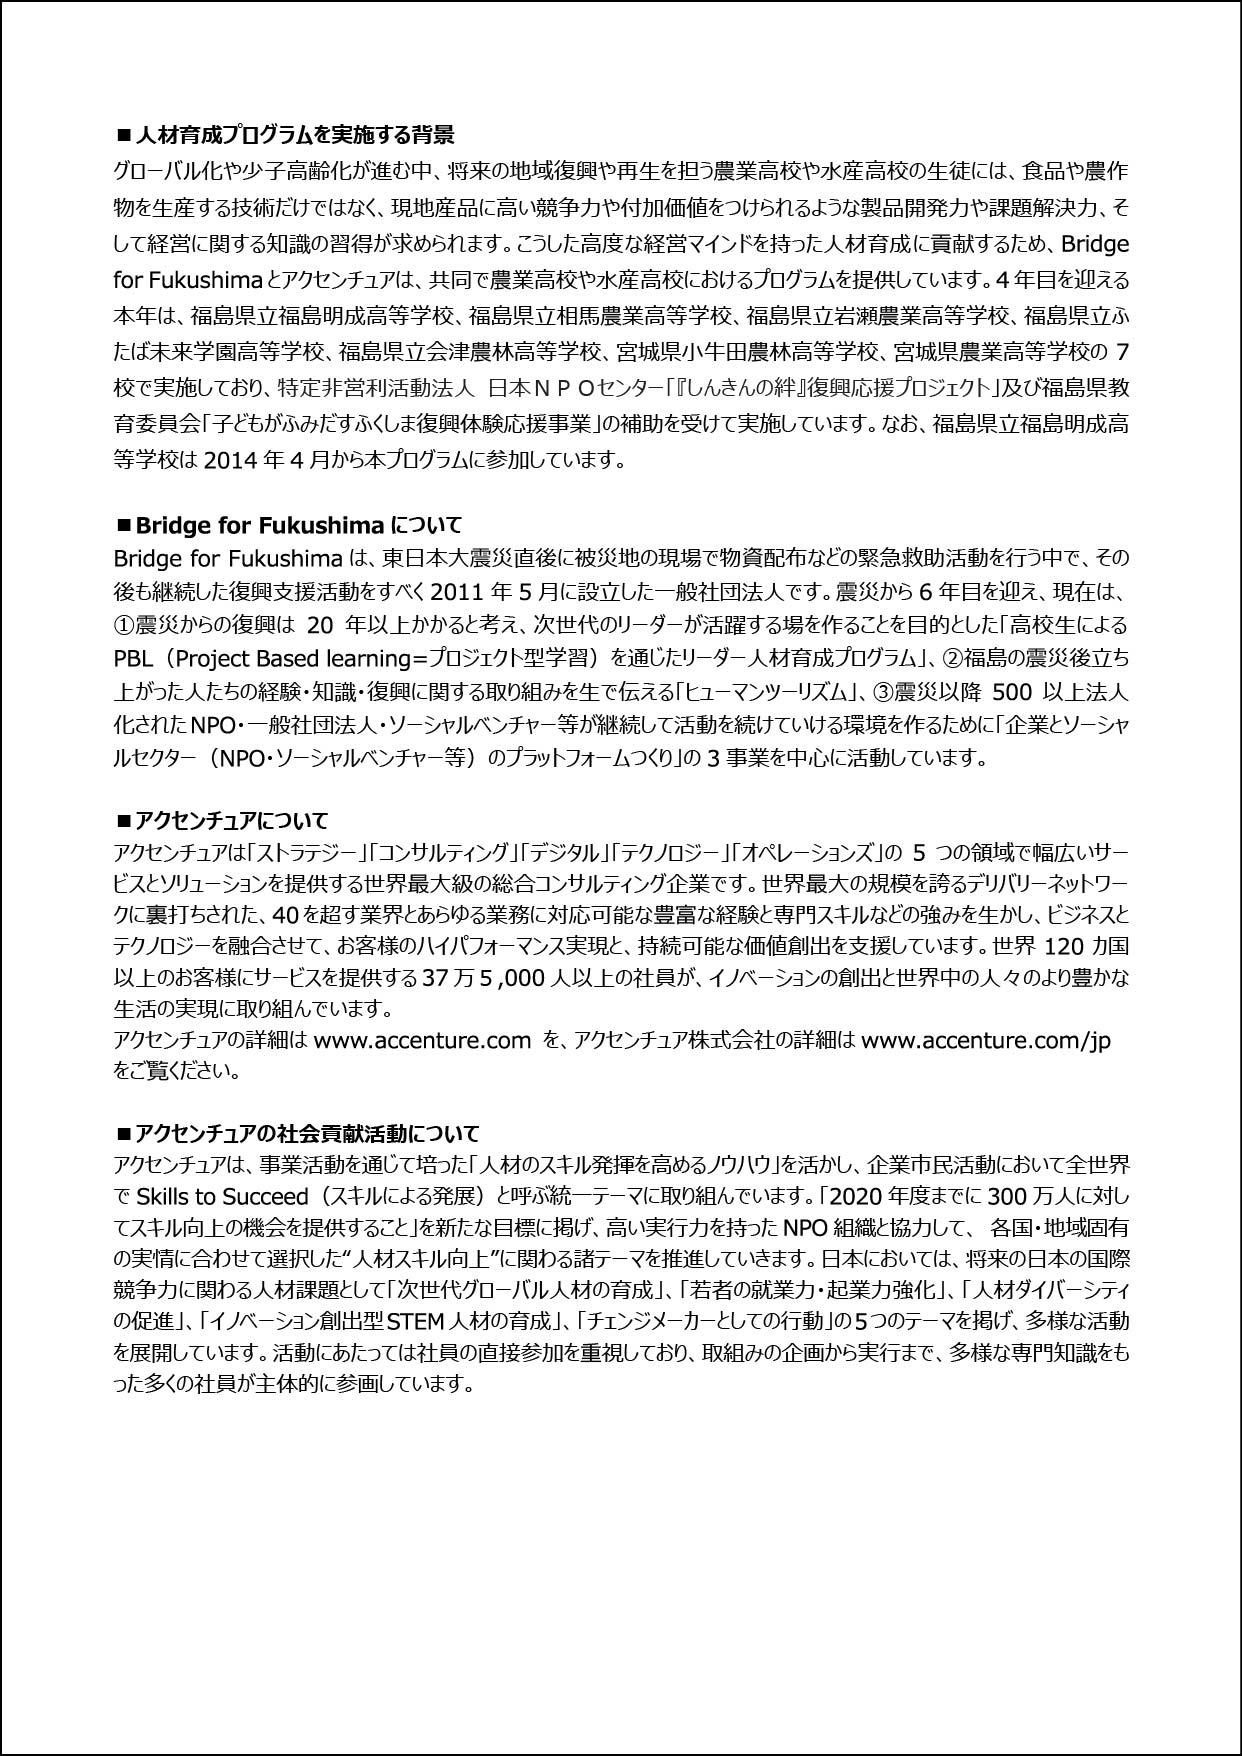 最終【取材案内】福島明成計画発表会_BFF_MCOMCLEAN (3)MCOMura